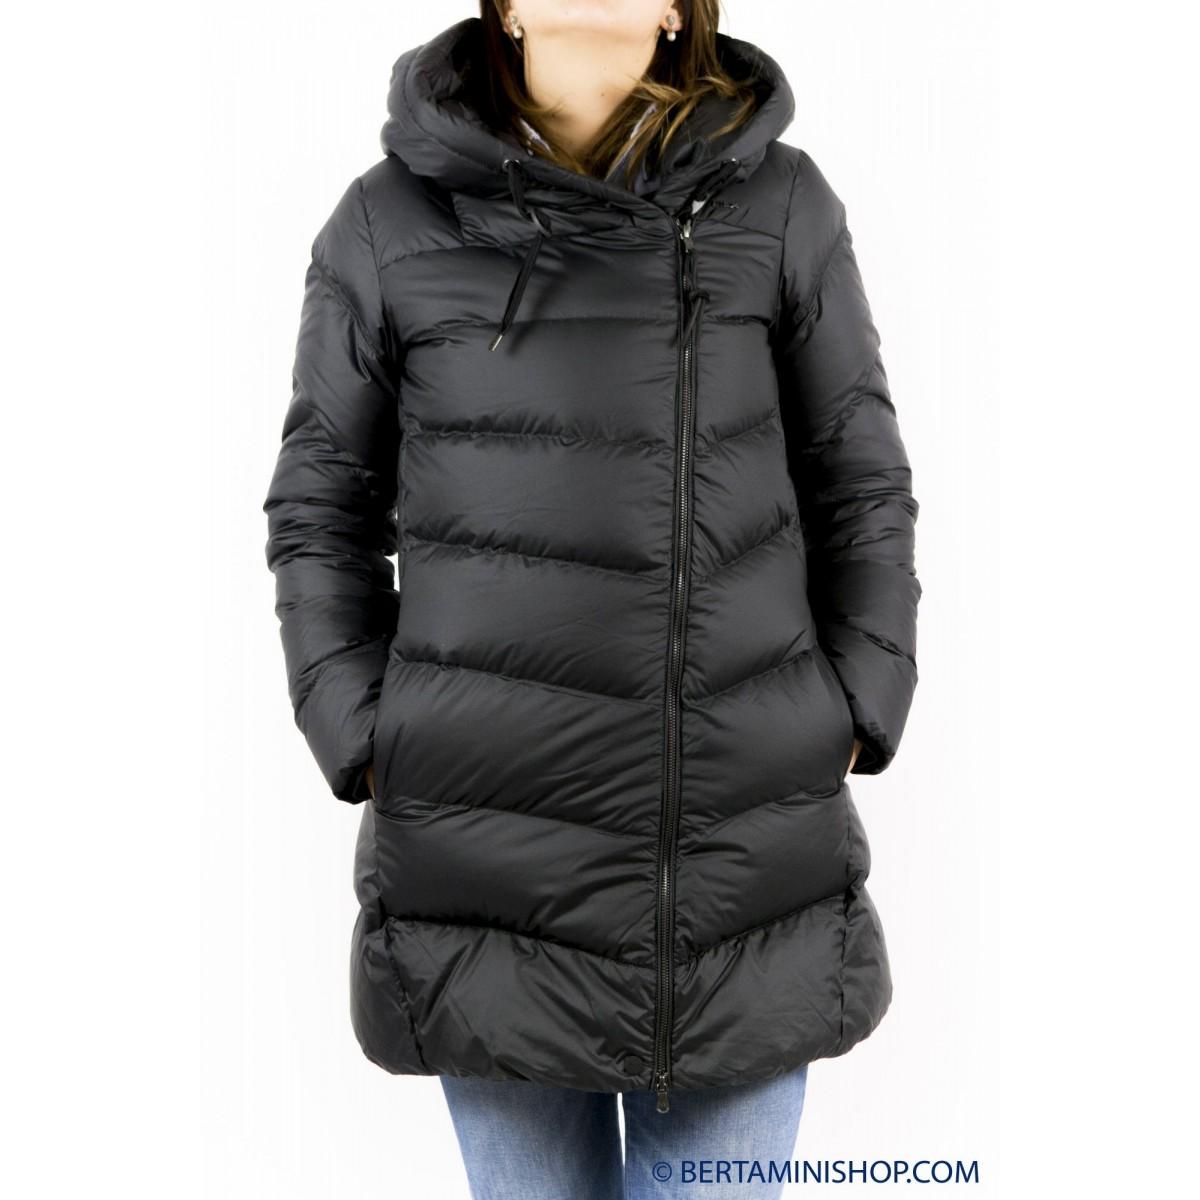 Daunenjacket Ralph Lauren Damen - V30Id203Bd200